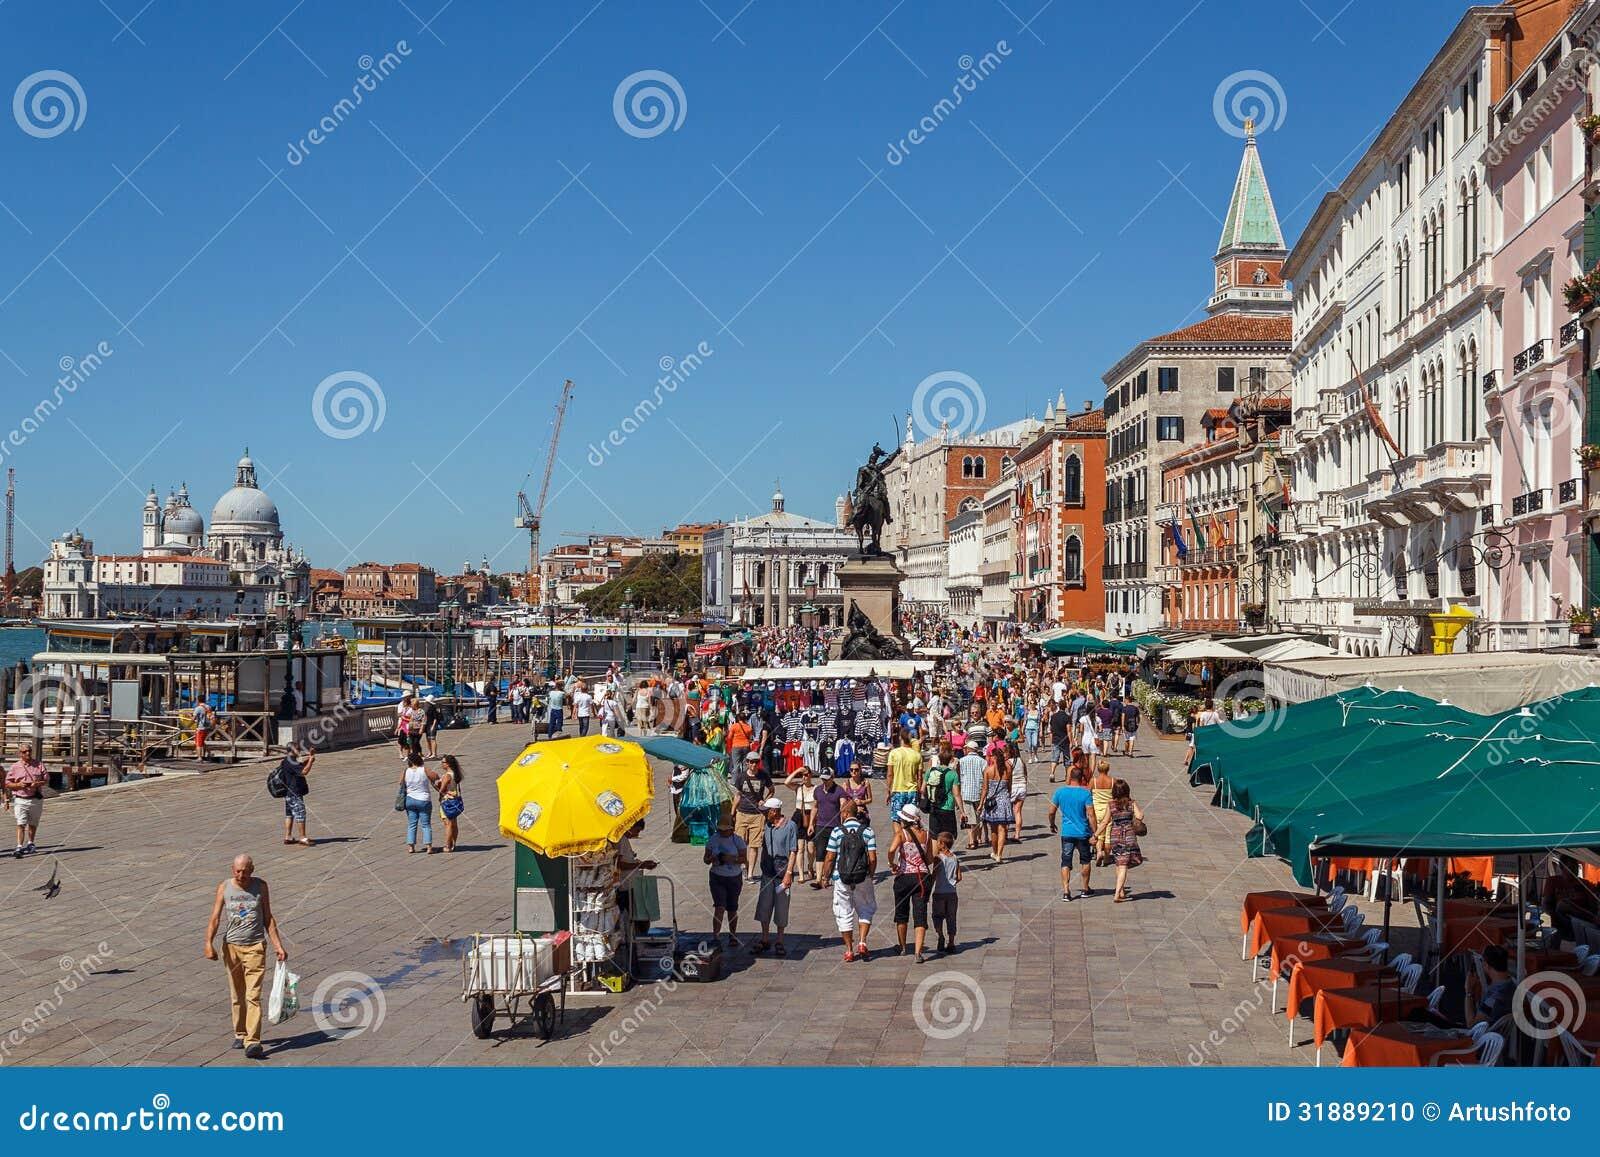 ИТАЛИЯ, ВЕНЕЦИЯ - ИЮЛЬ 2012: Портовый район Венеции с толпой туристского близко квадрата St Marco 16-ого июля 2012 в Венеции. St M